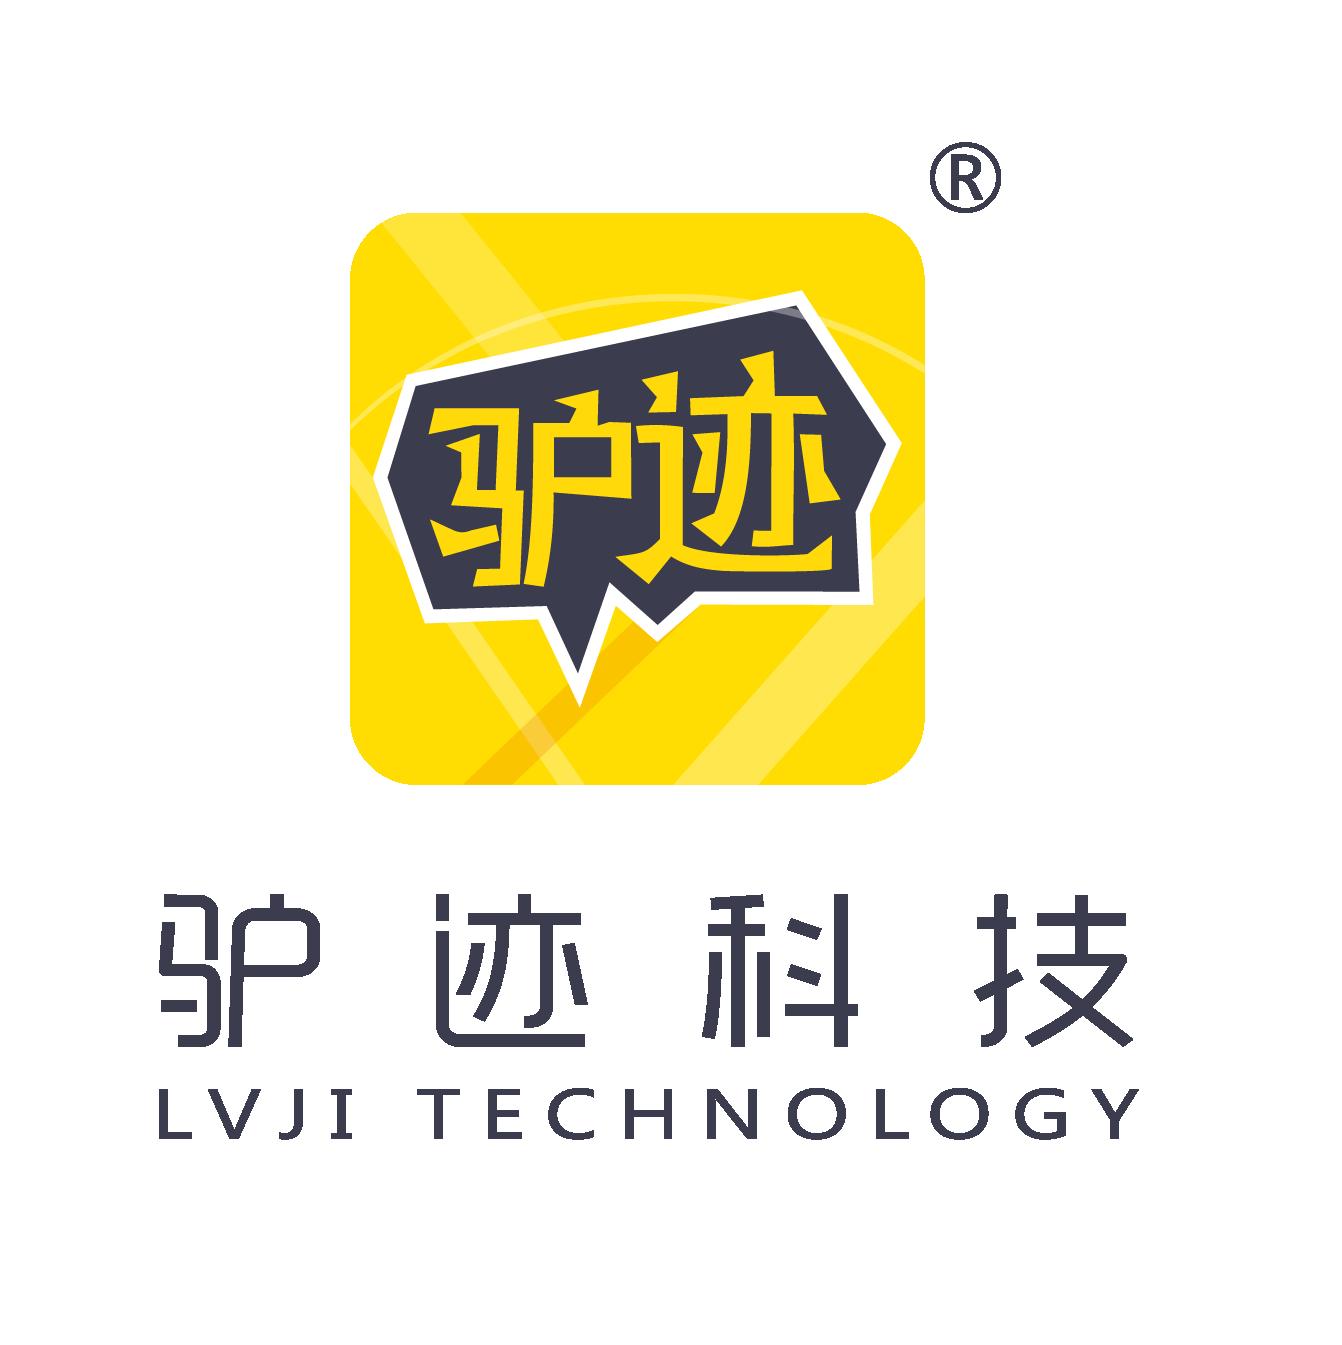 泰州招聘人员信息+驴迹科技